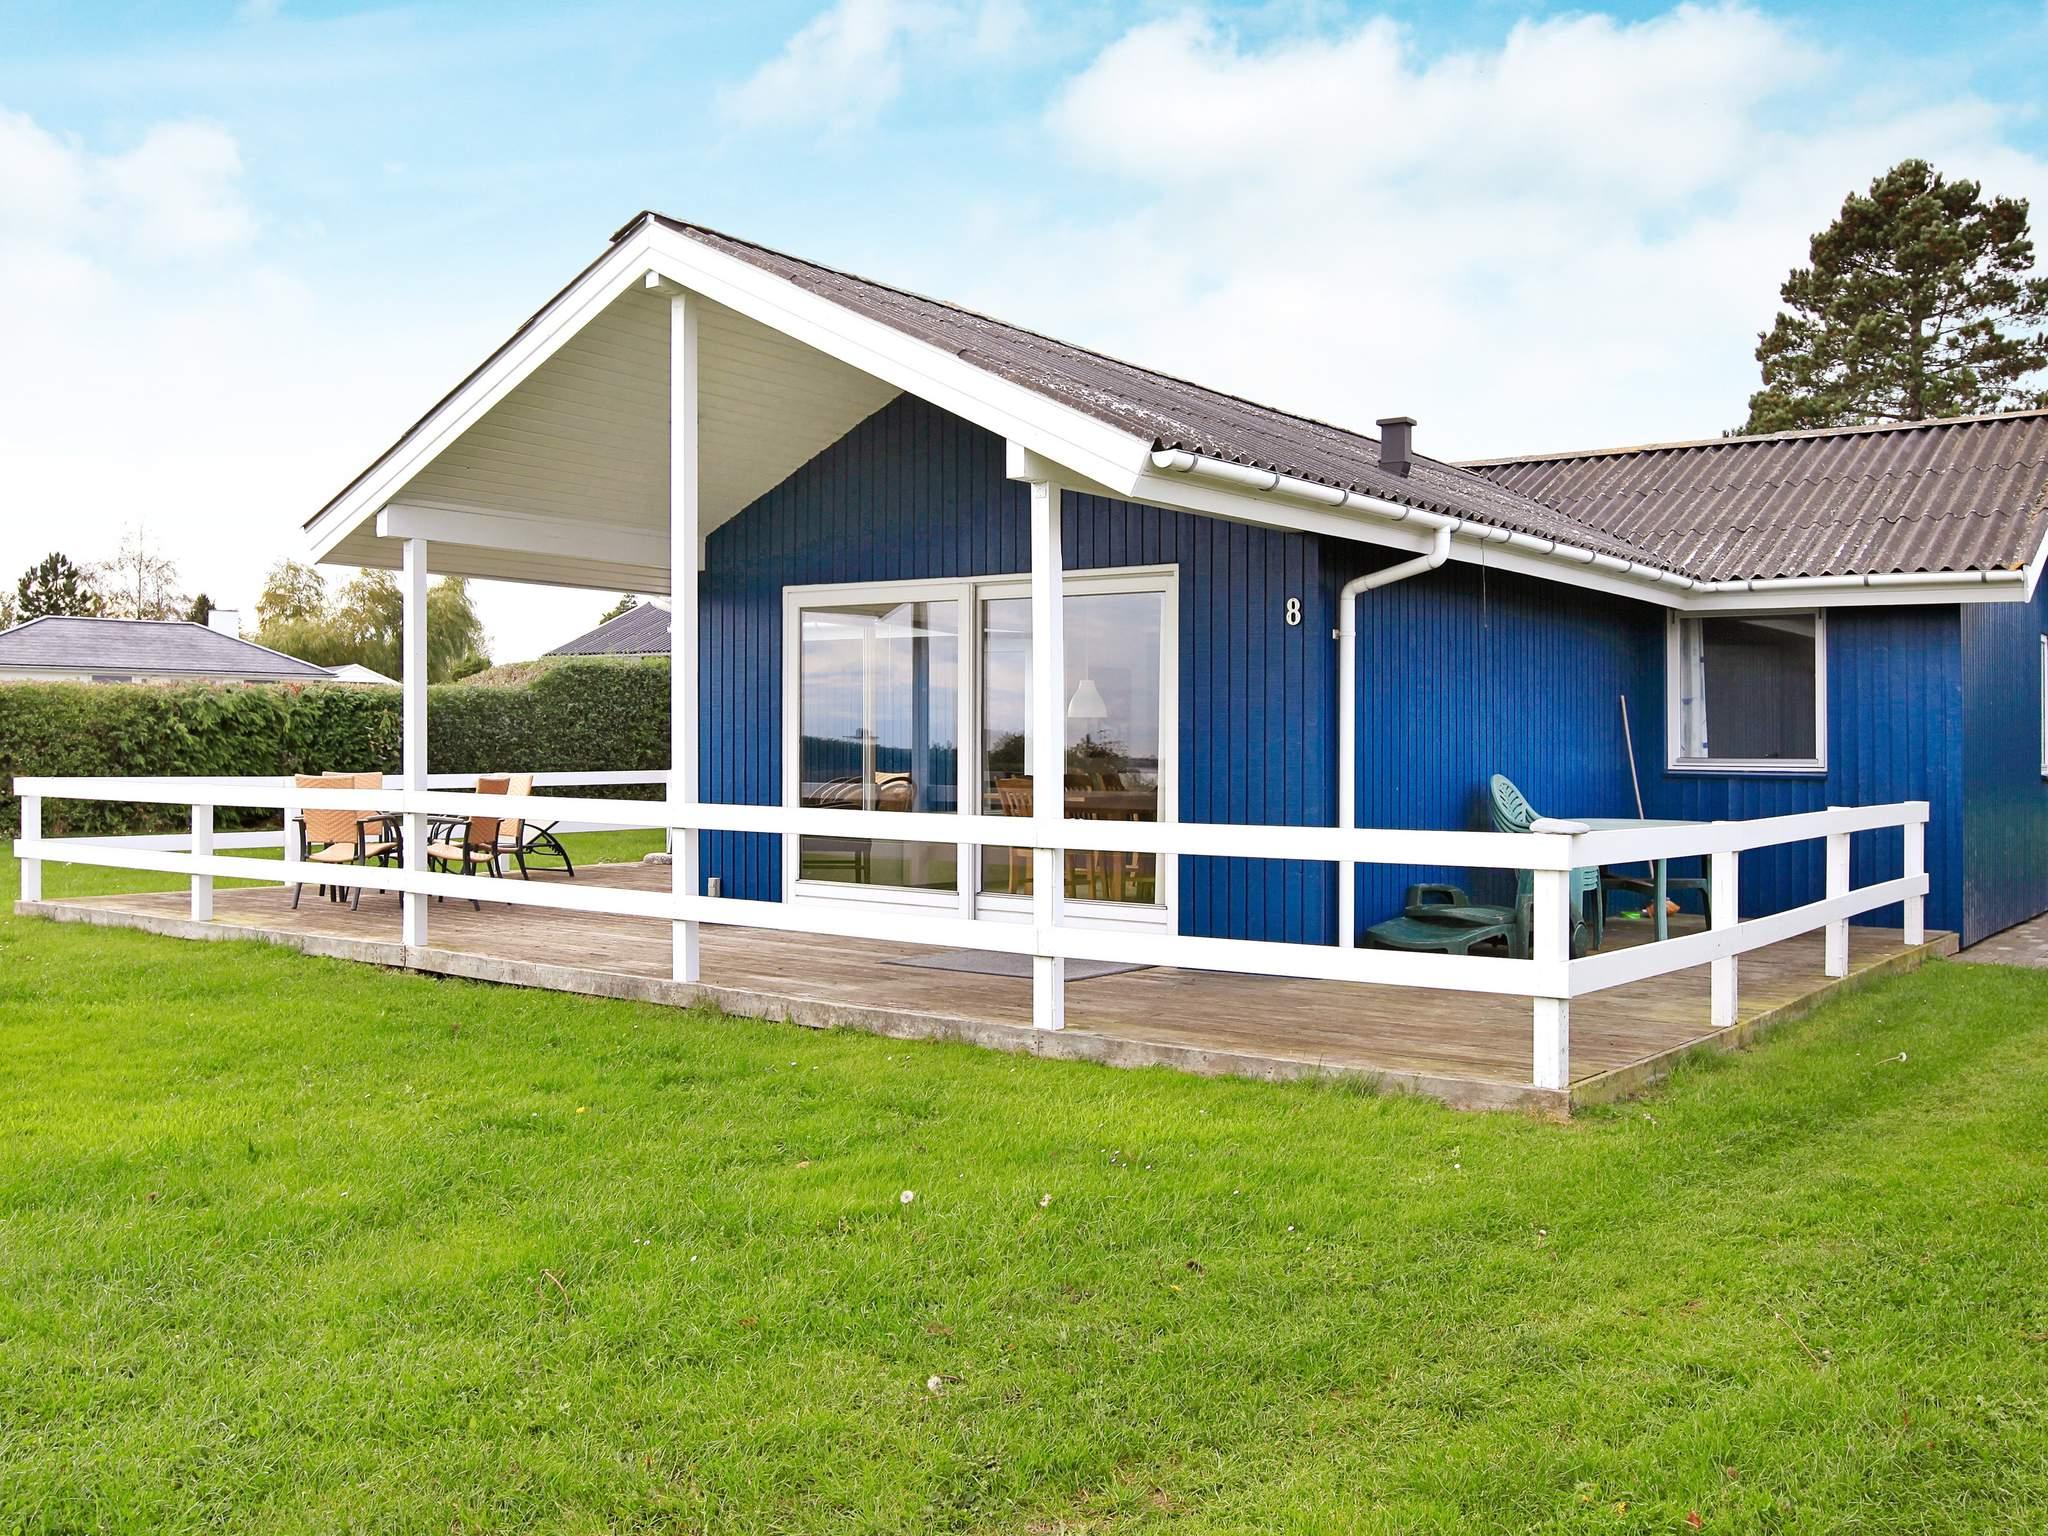 Ferienhaus Horne (87505), Horne, , Fünen, Dänemark, Bild 1